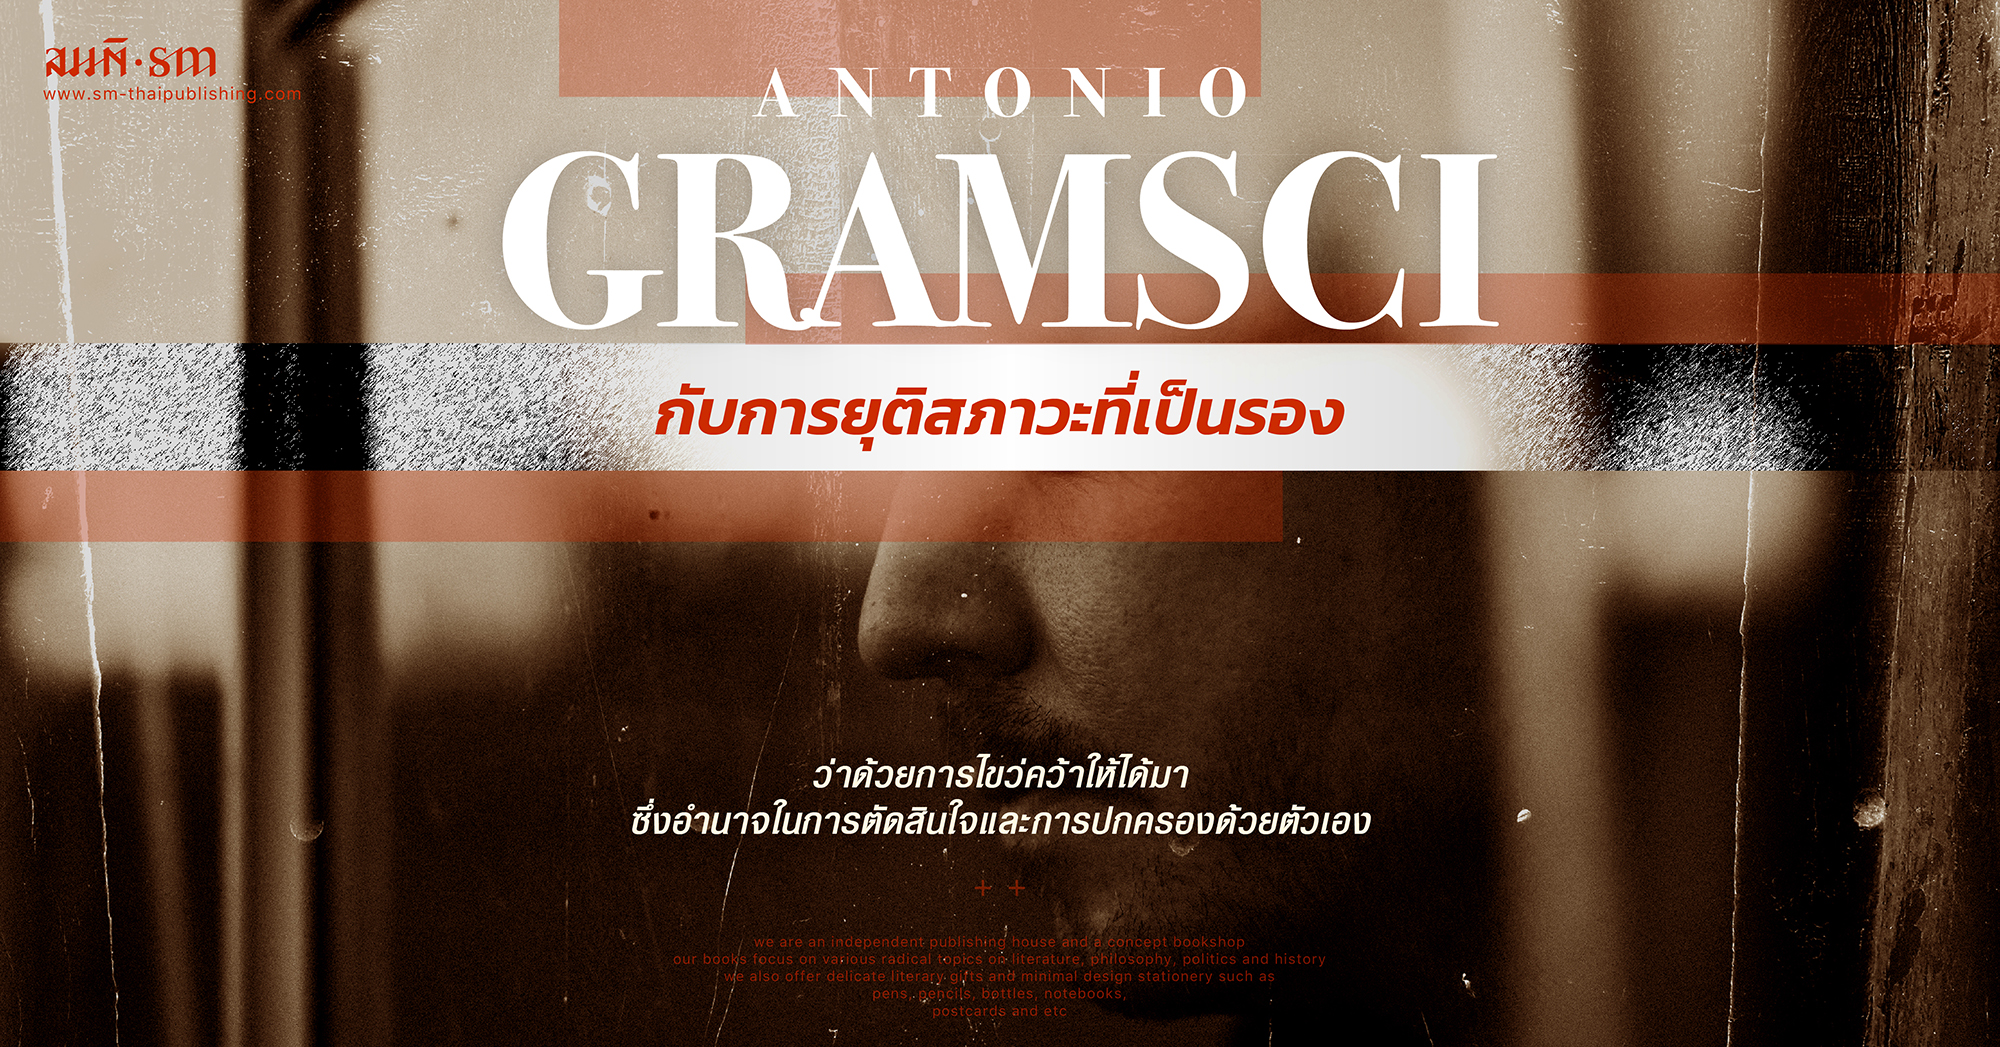 อันโตนิโอ กรัมชี่ | Antonio Gramsci กับการยุติสภาวะที่เป็นรอง